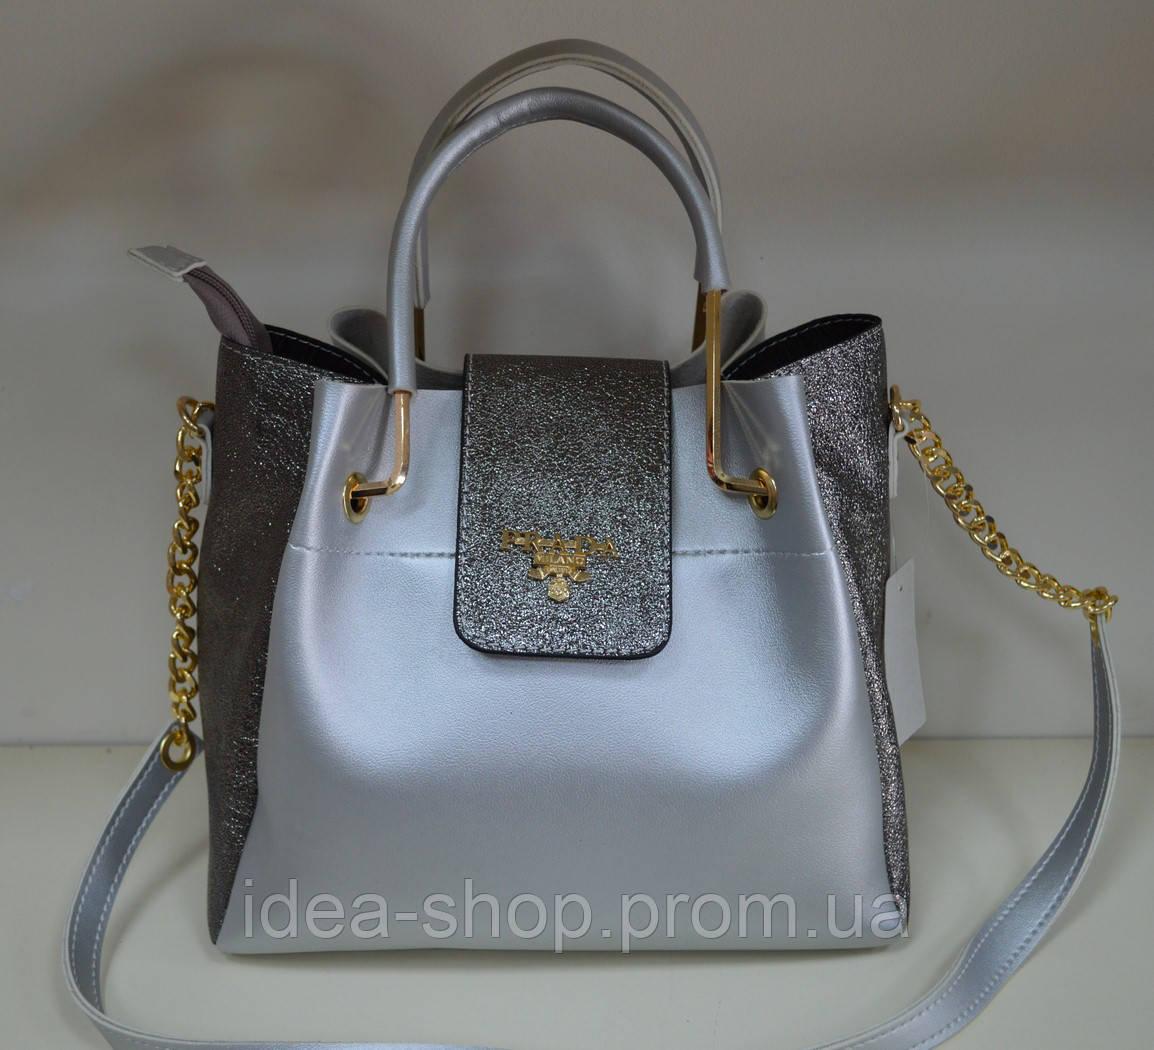 7dd311f109d9 Стильная сумка PRADA из экокожи цвета серебро: продажа, цена в ...